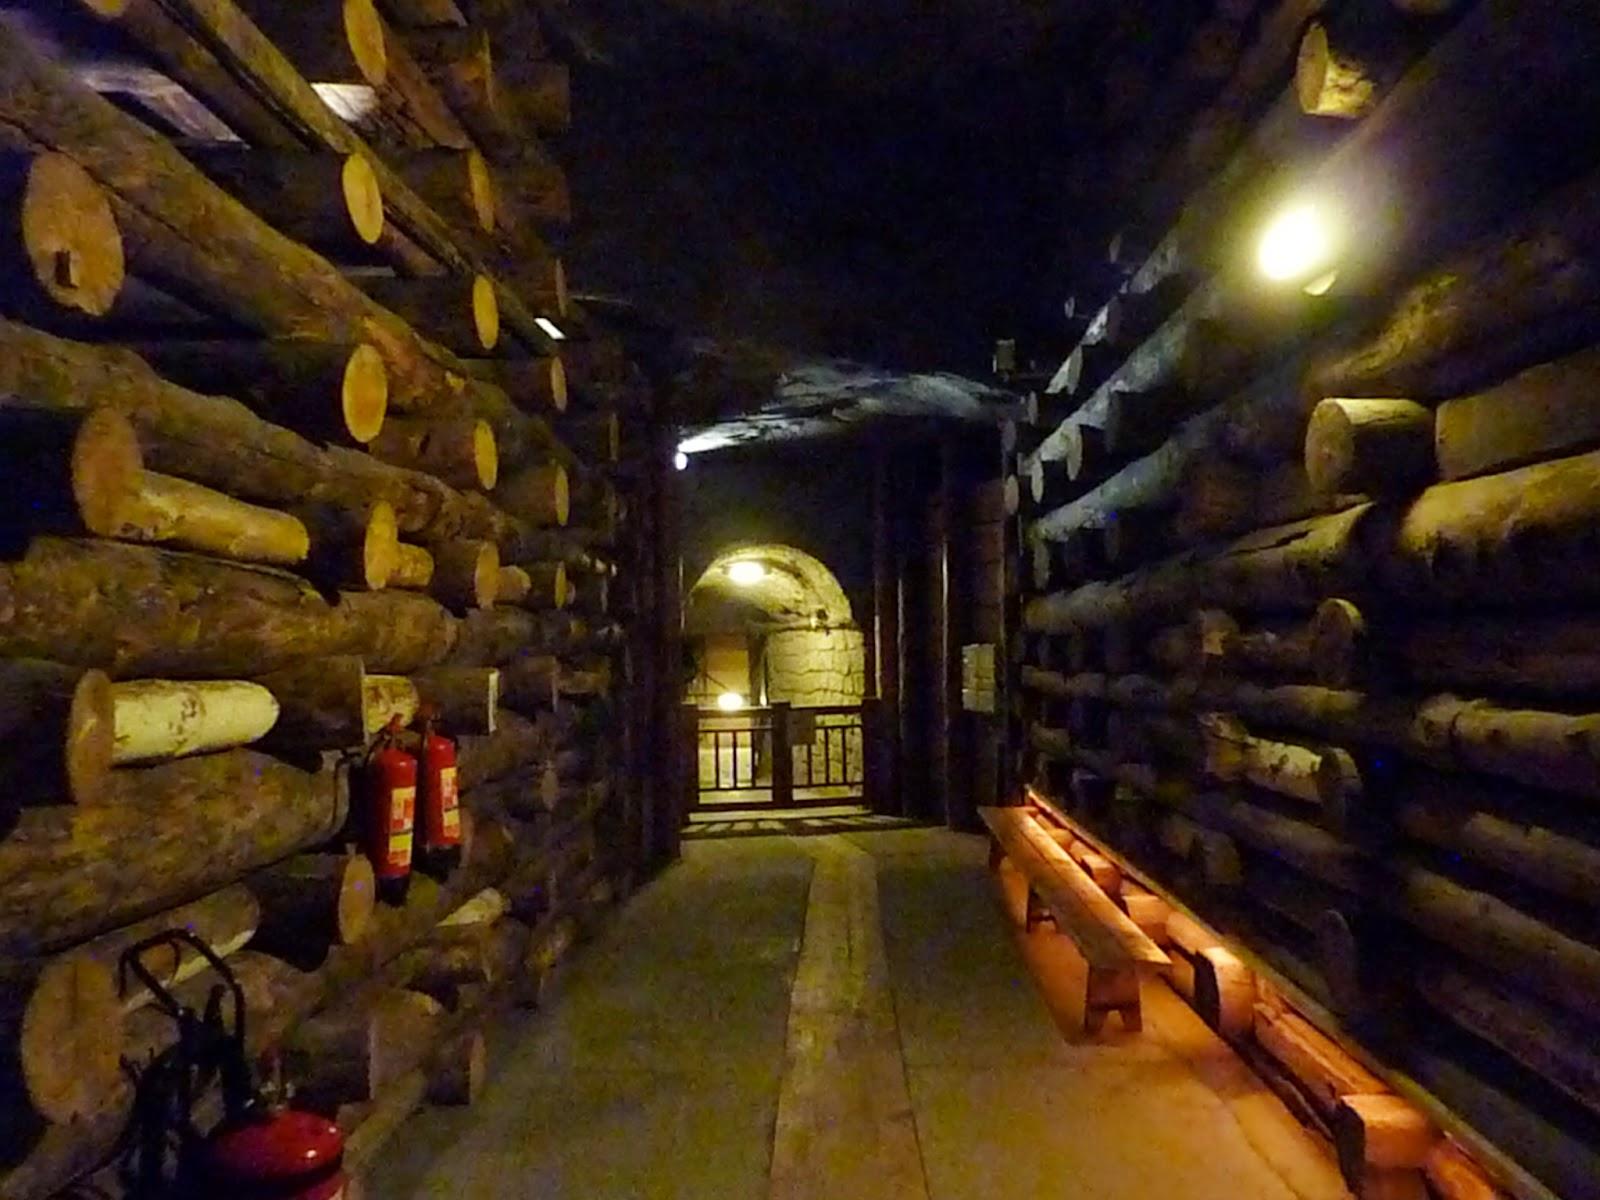 Corridoio con pareti supportate da tronchi